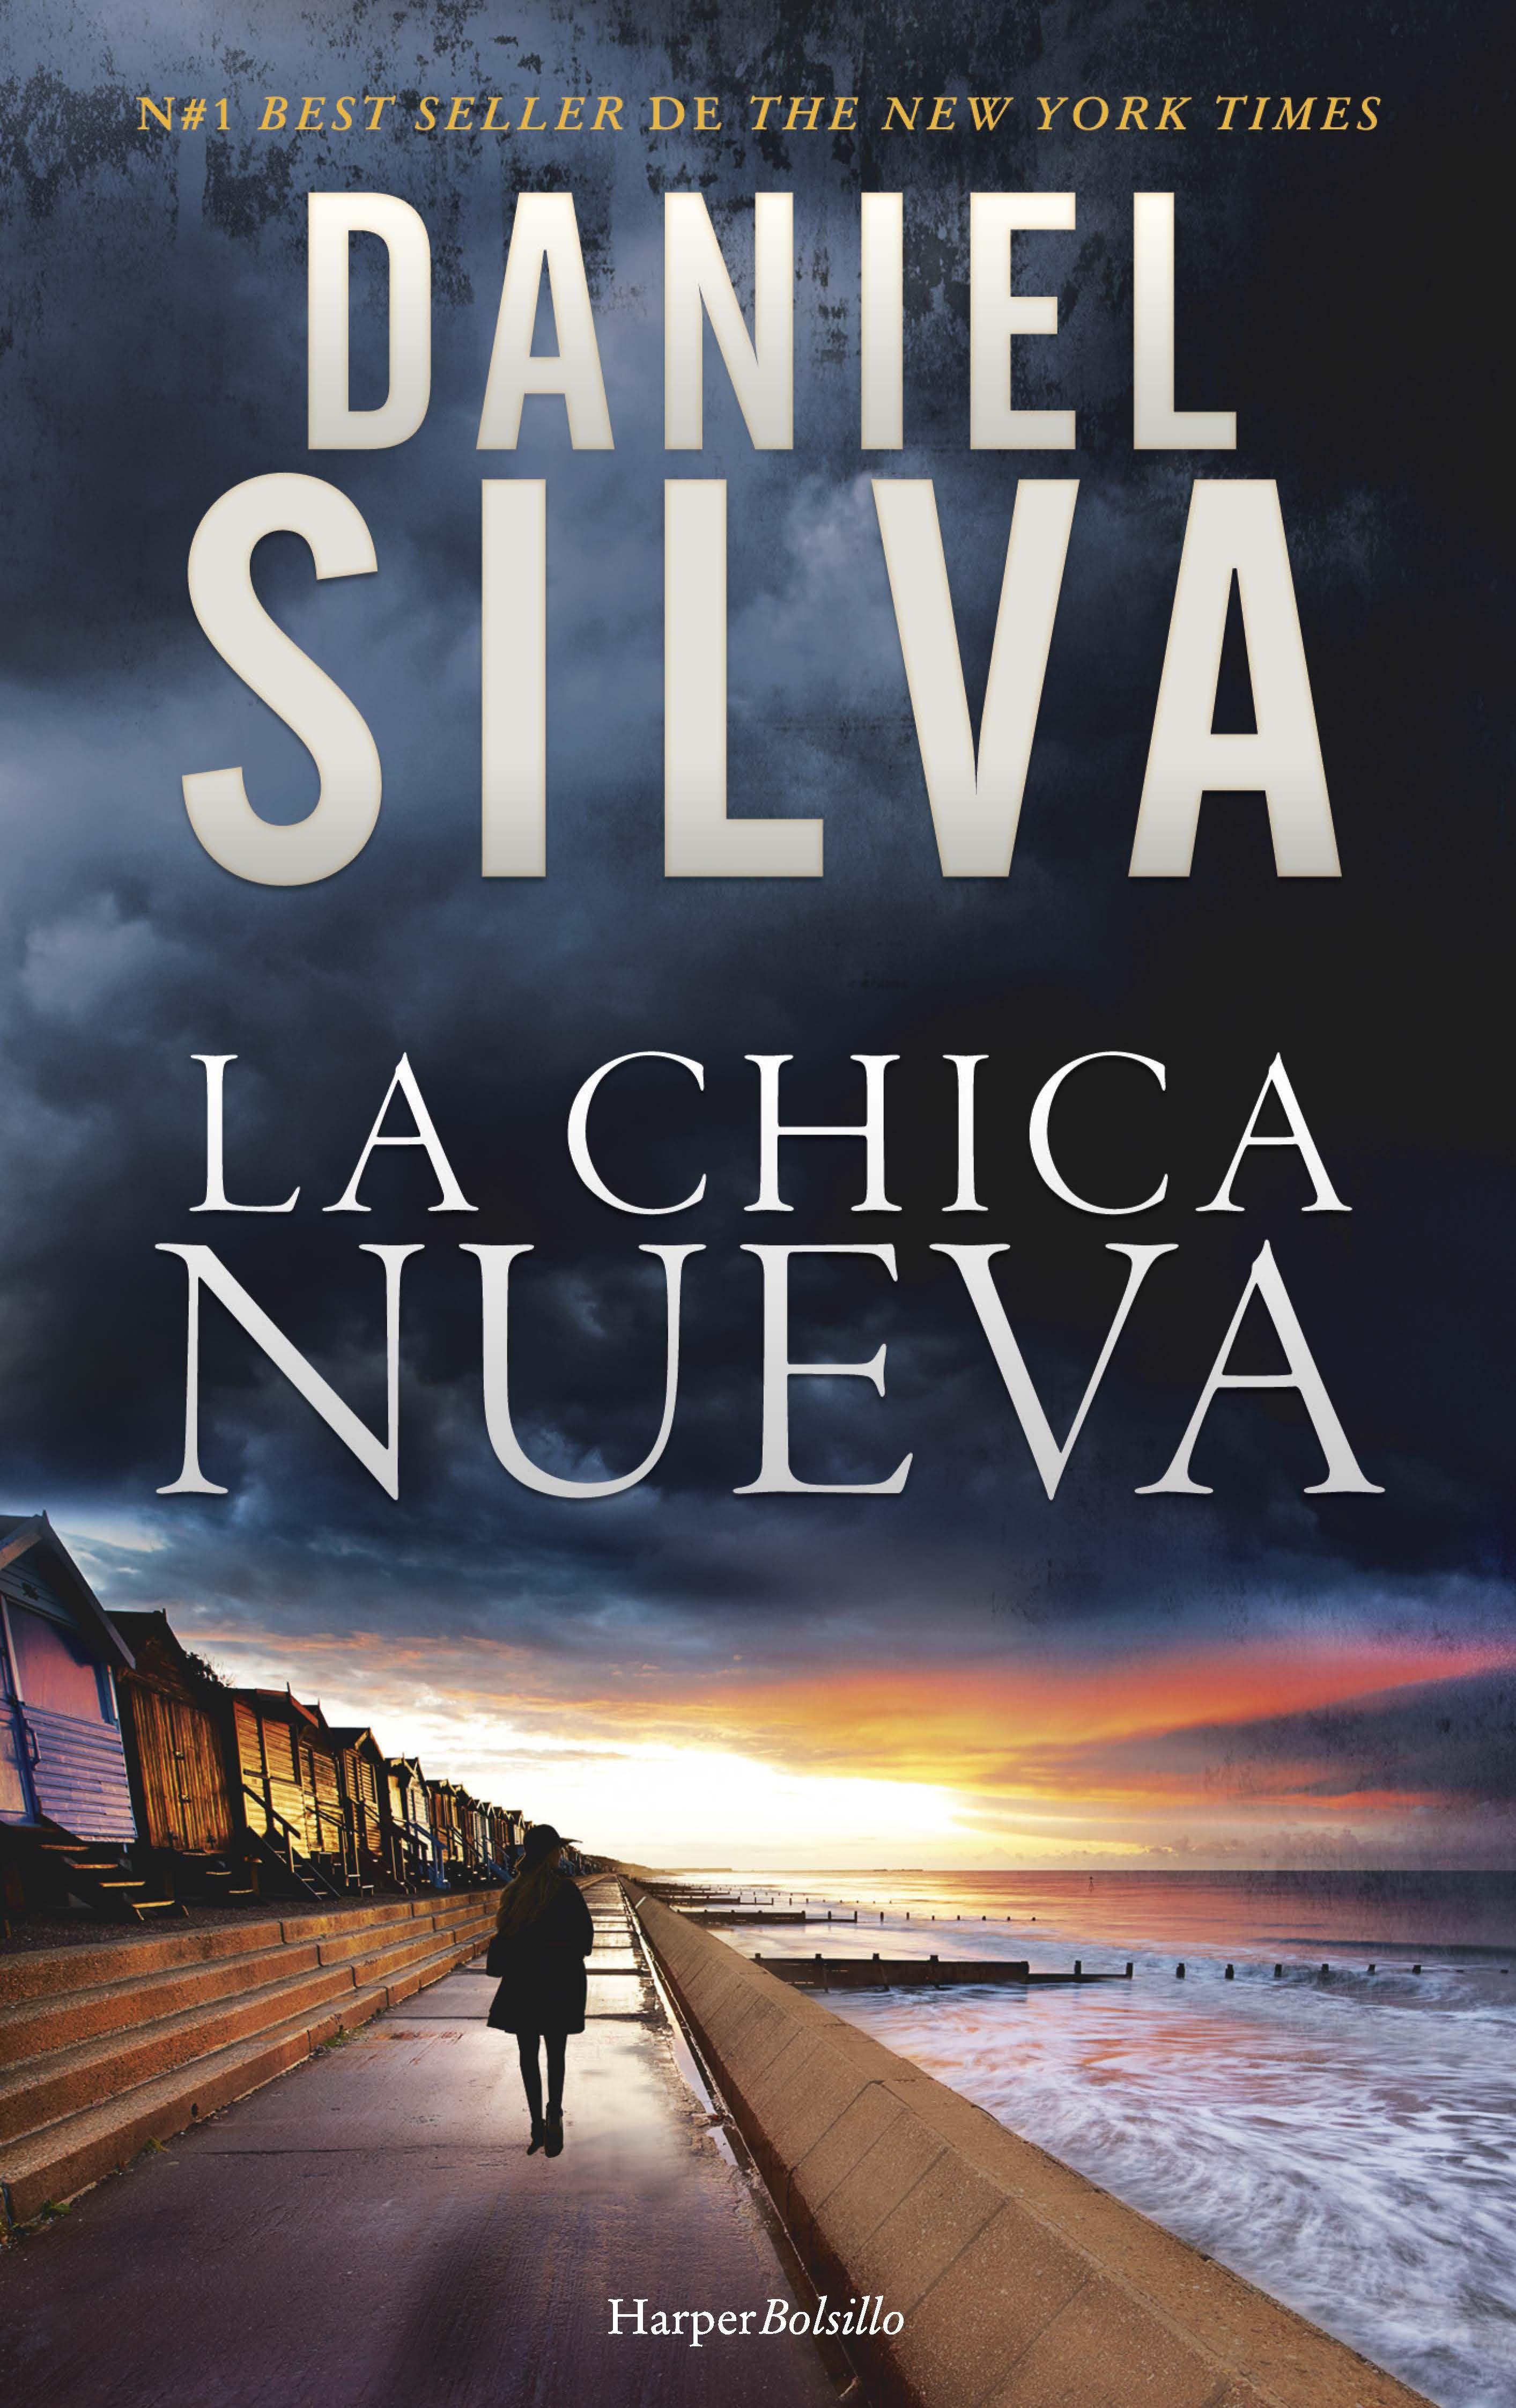 CHICA NUEVA LA